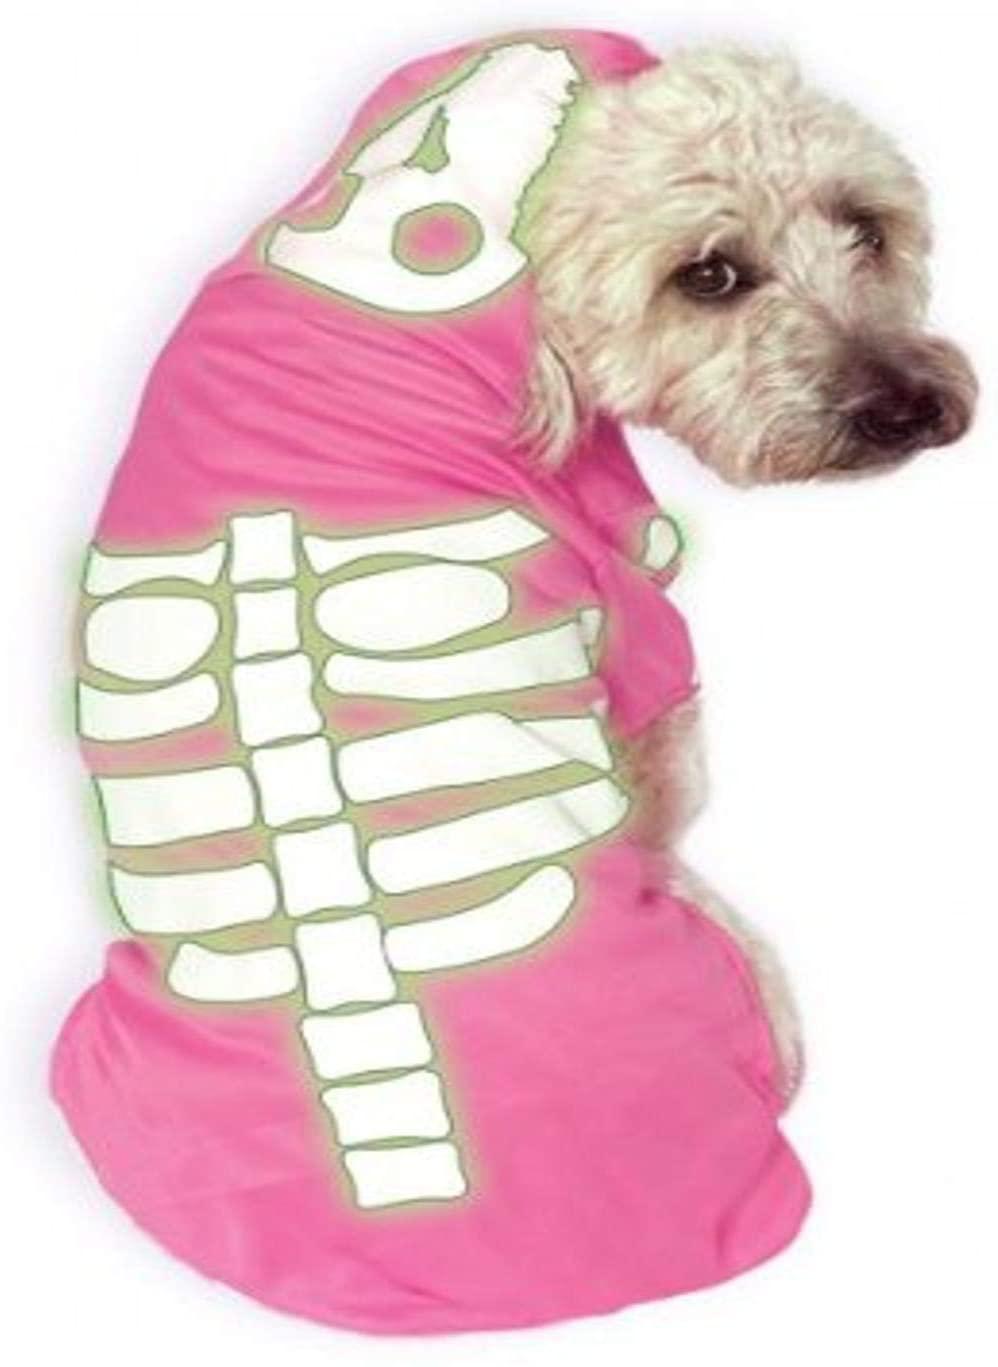 Rubie's Glow-in-The-Dark Skeleton Hoodie Pet Costume, Pink, Small